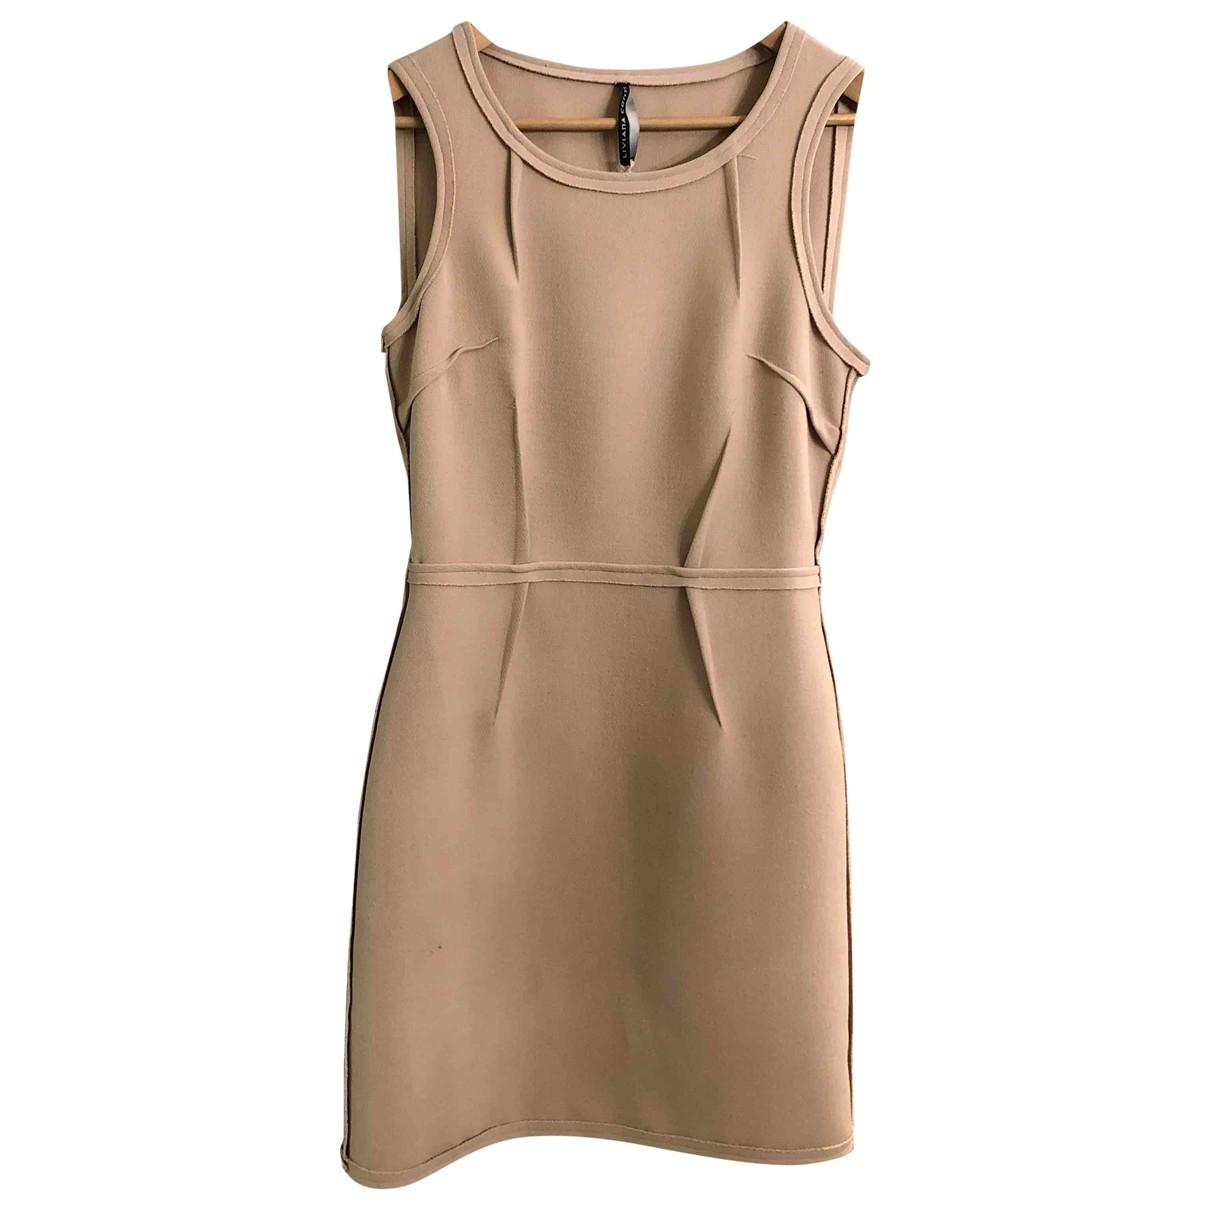 Liviana Conti \N Beige dress for Women 40 IT